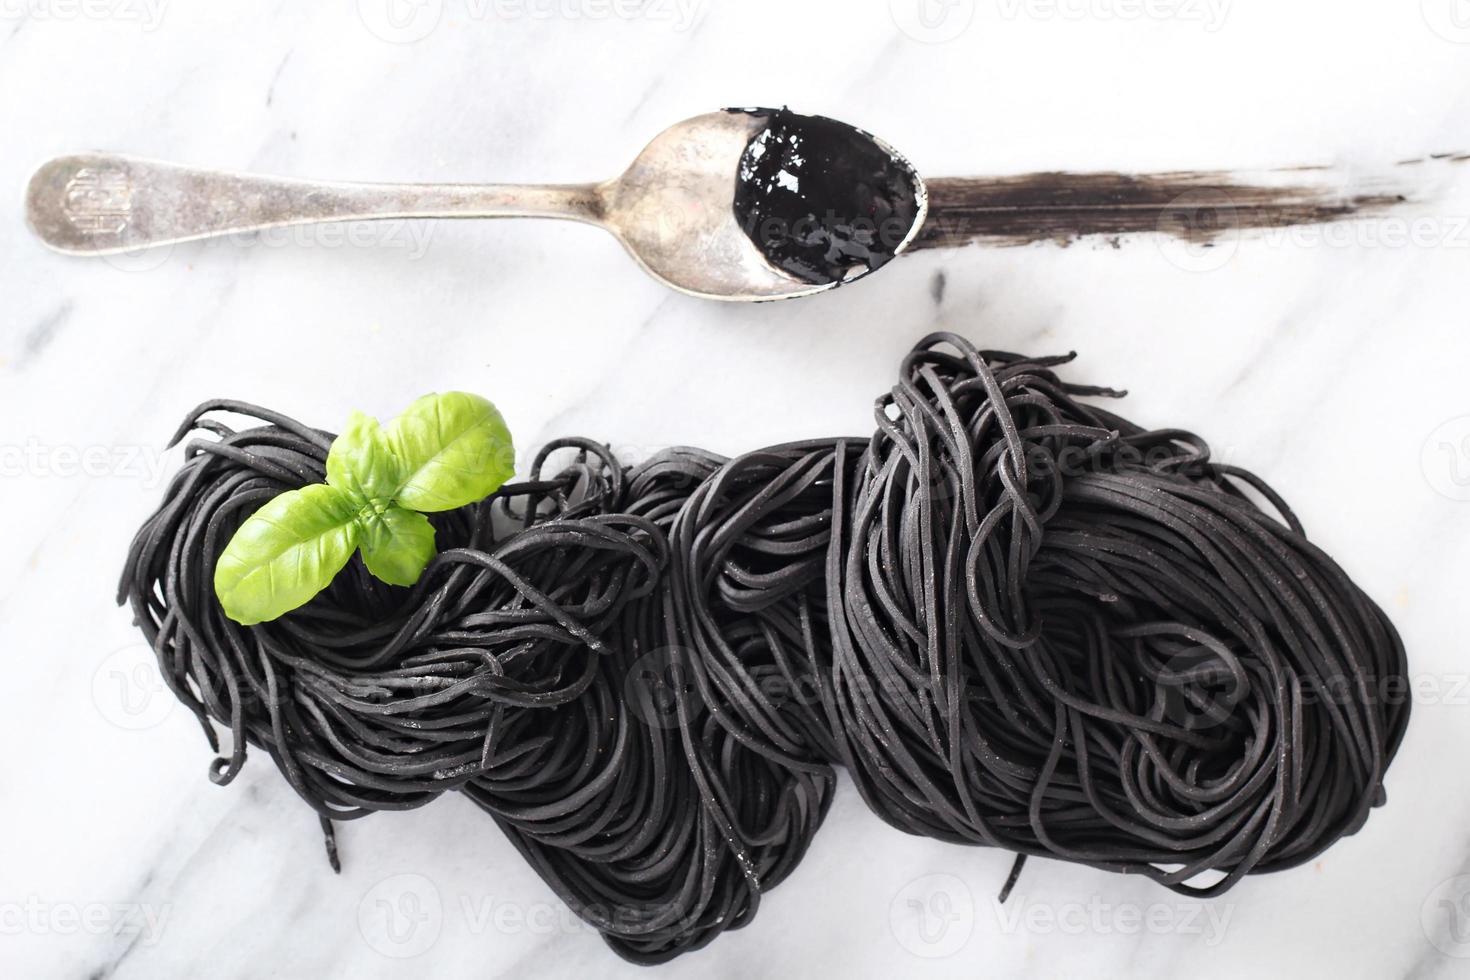 inktvis inkt zelfgemaakte pasta op marmer foto